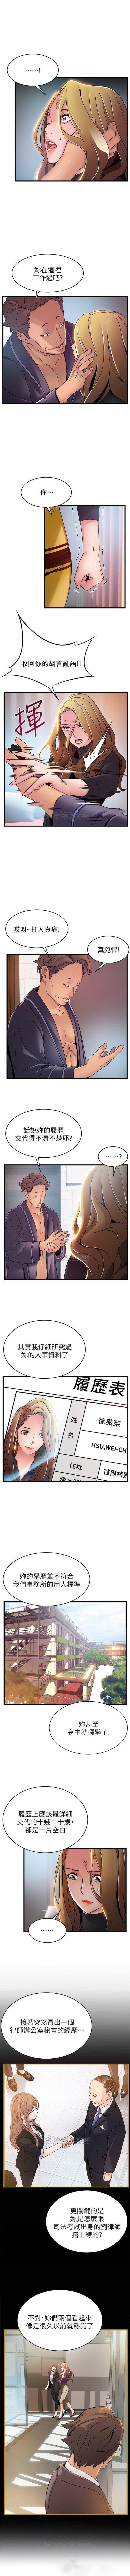 弱点 1-64 中文翻译(更新中) 349